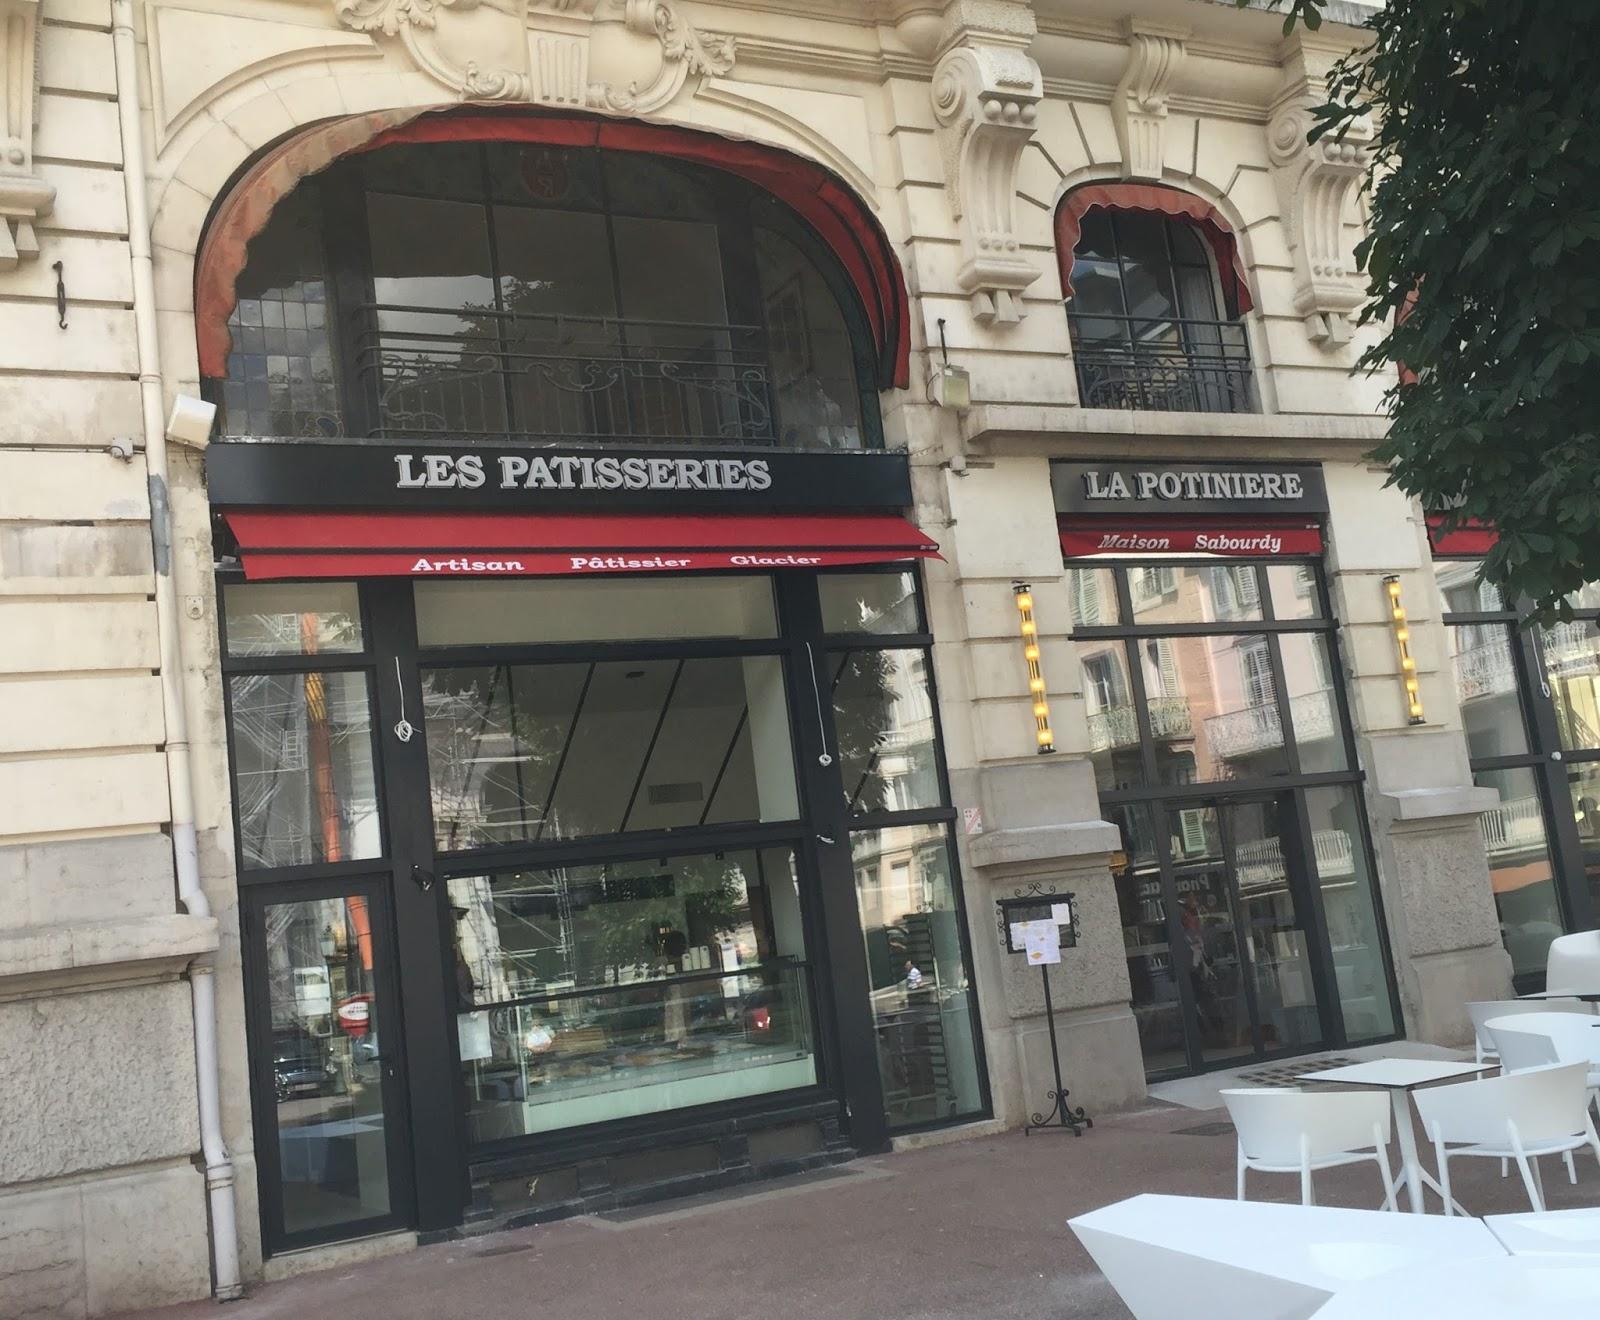 100 Incroyable Idées La Potiniere Aix Les Bains